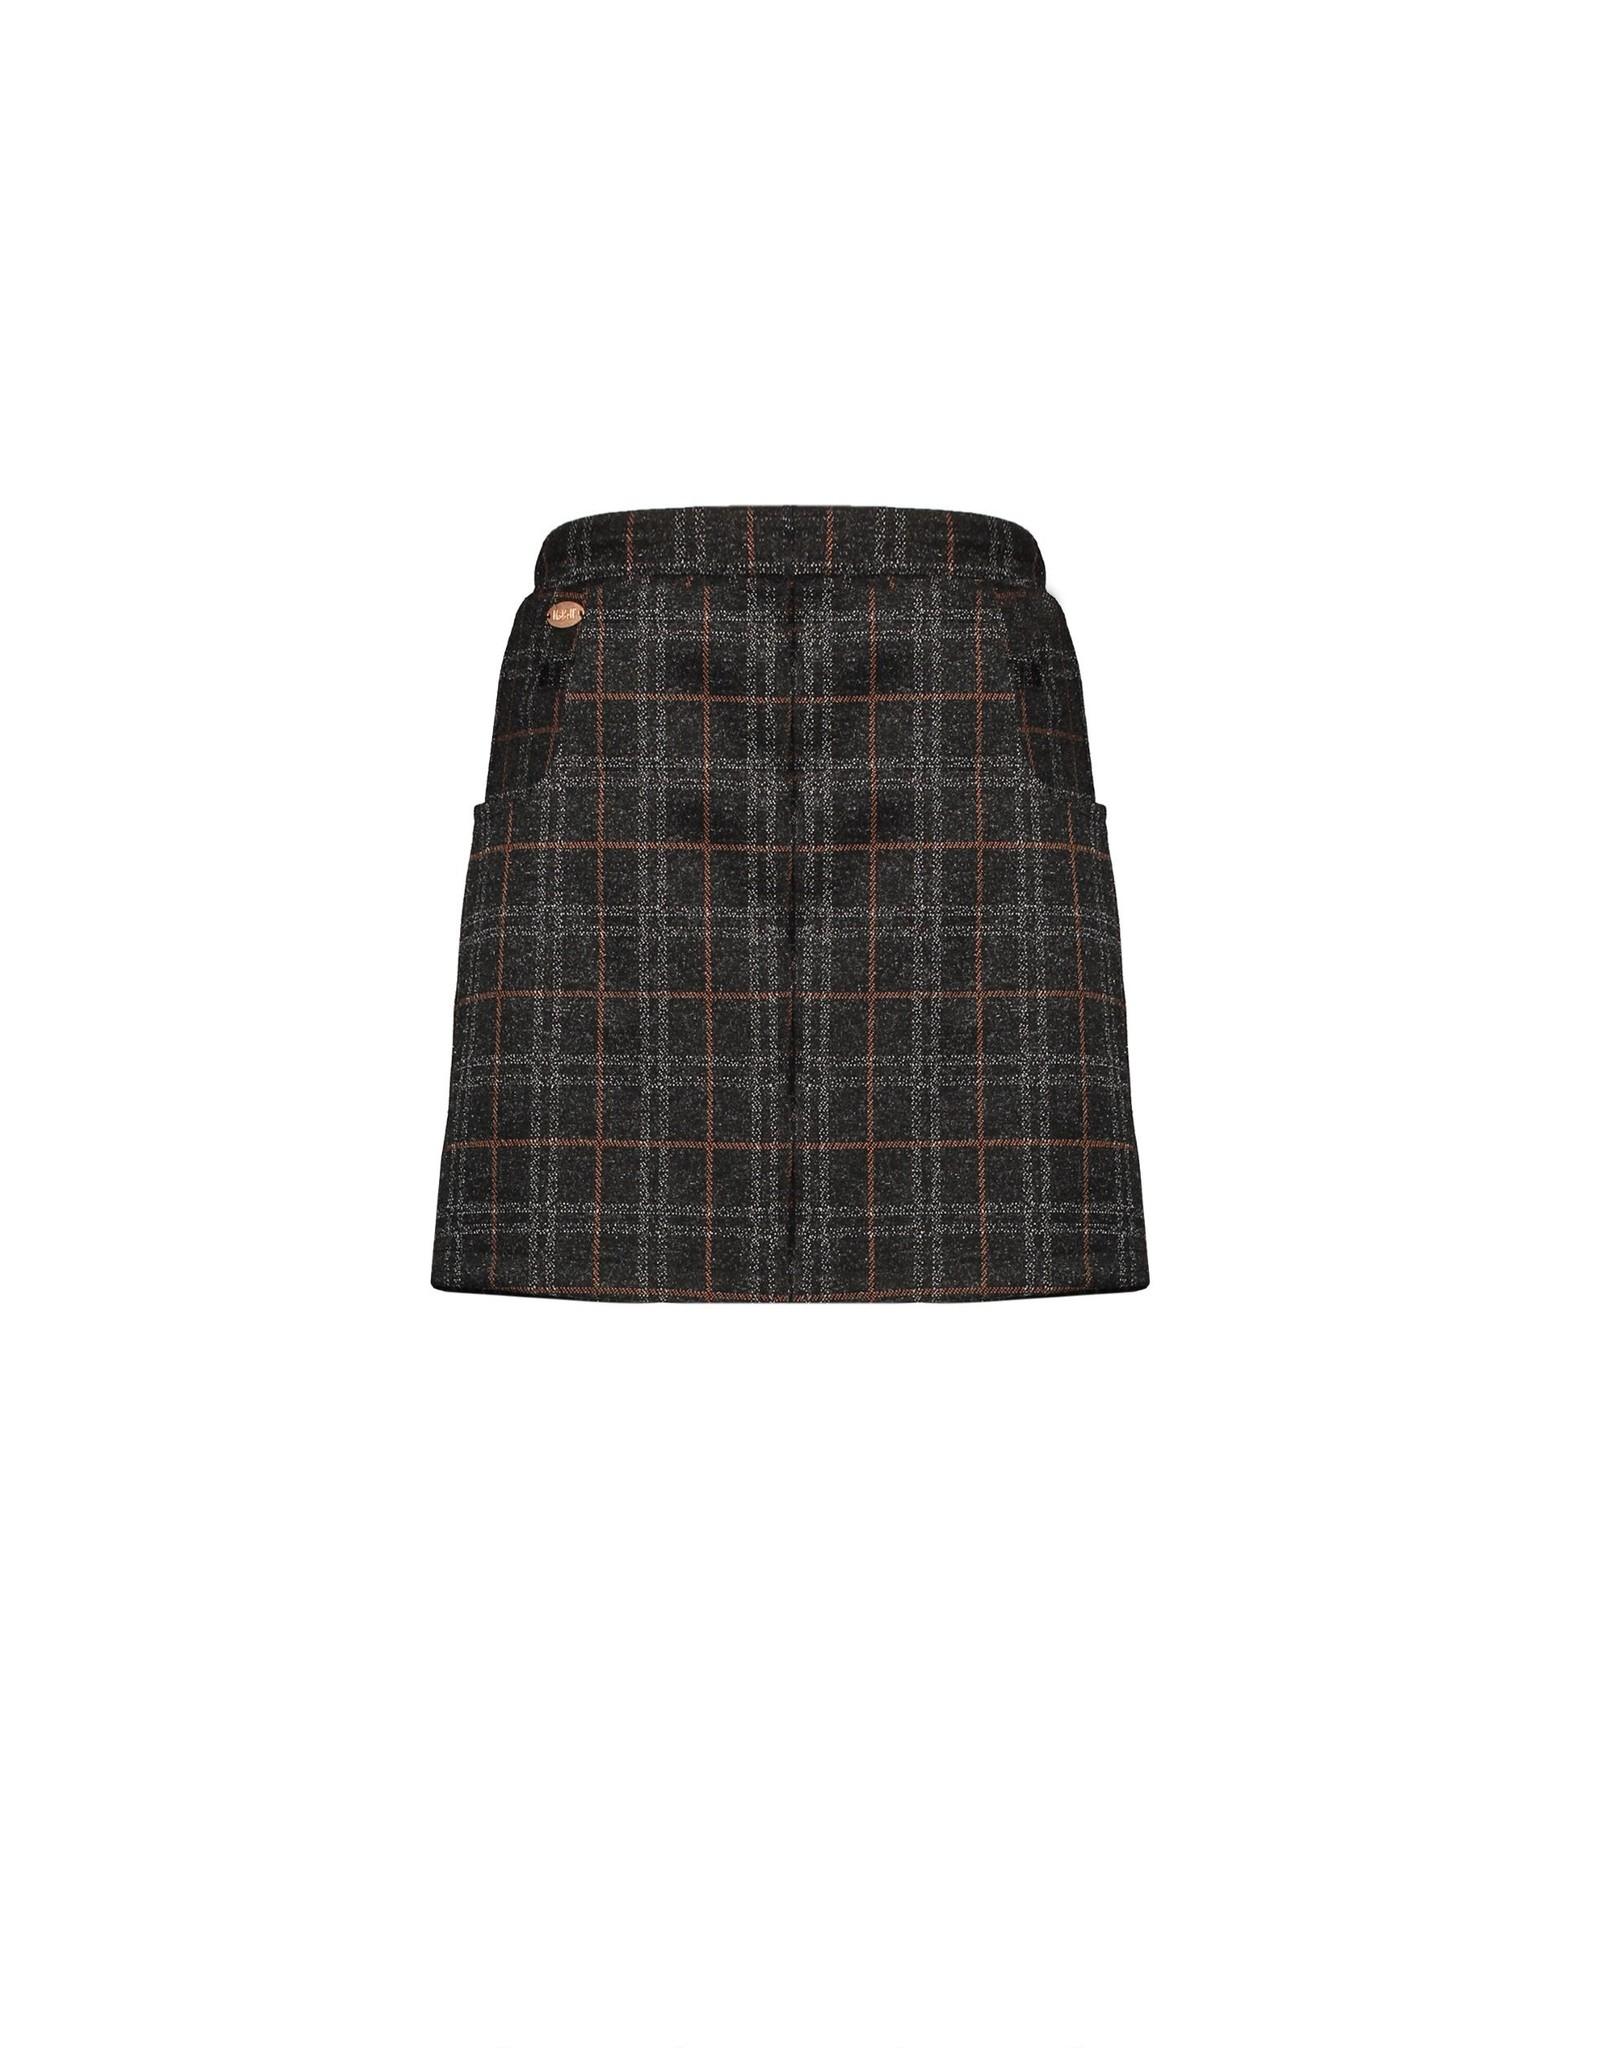 NoBell NoBell skirt short 3703 jet black